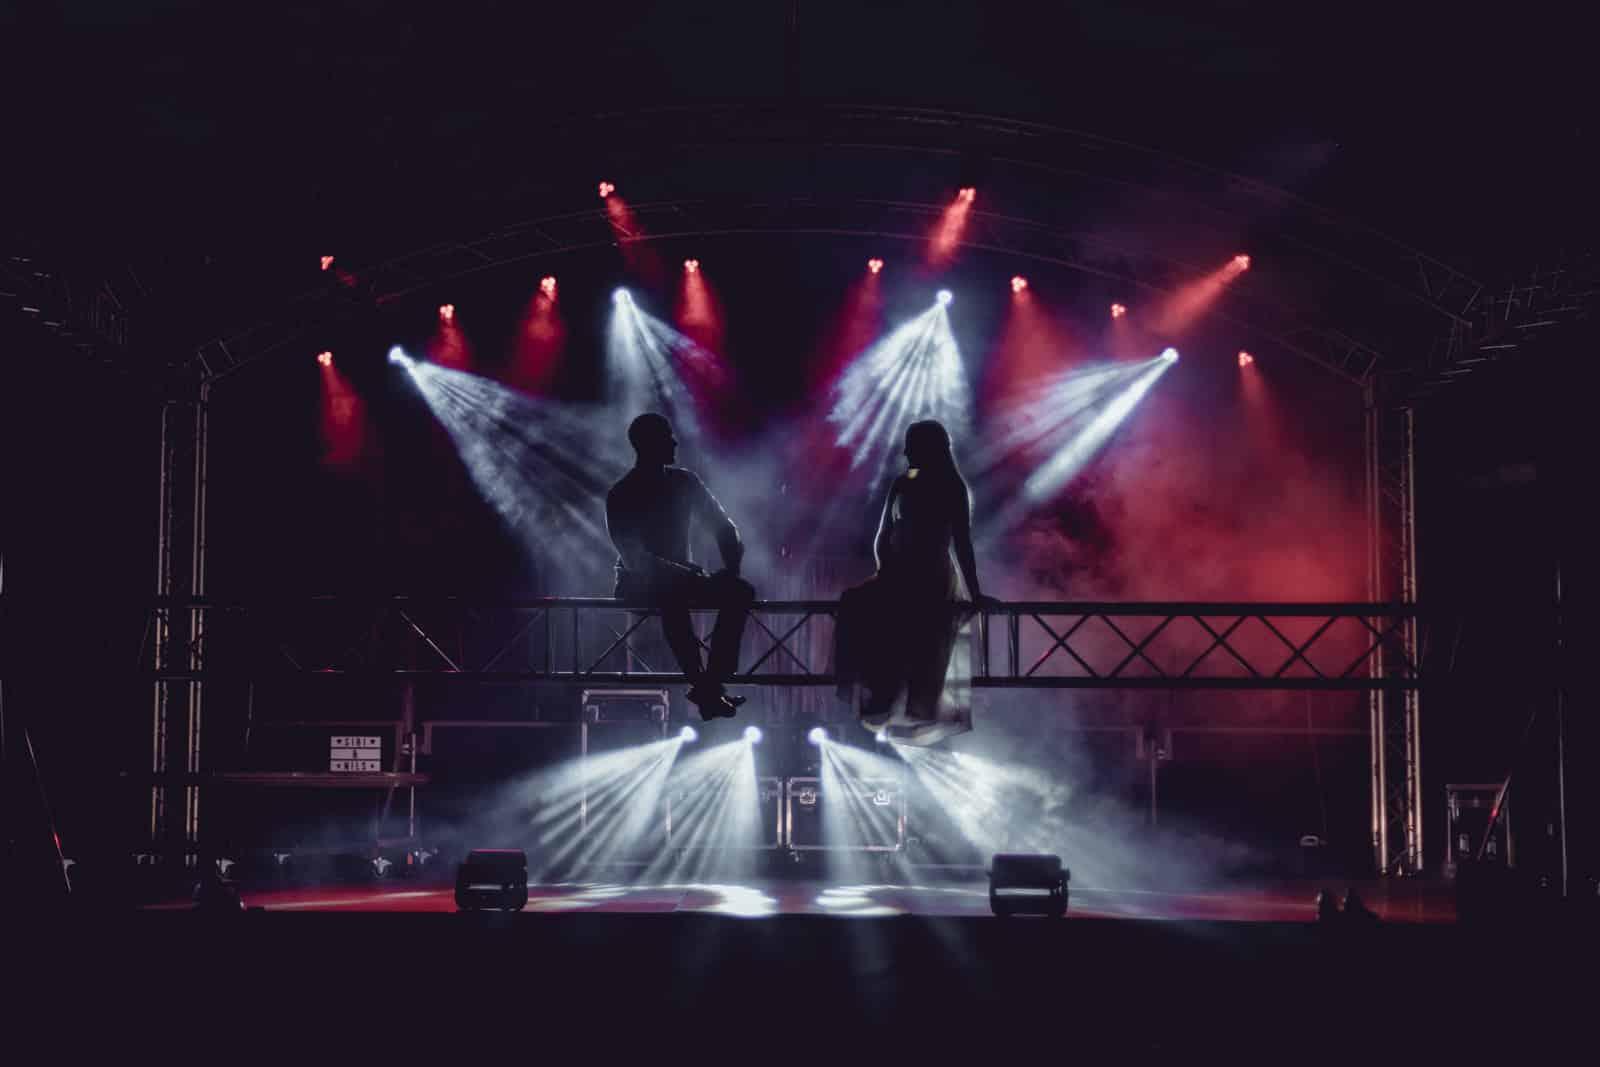 Brautpaar sitzt auf einer Traverse und schaut sich an als Silhouette und im Hintergrund sind Scheinwerfer in Strahlenform.